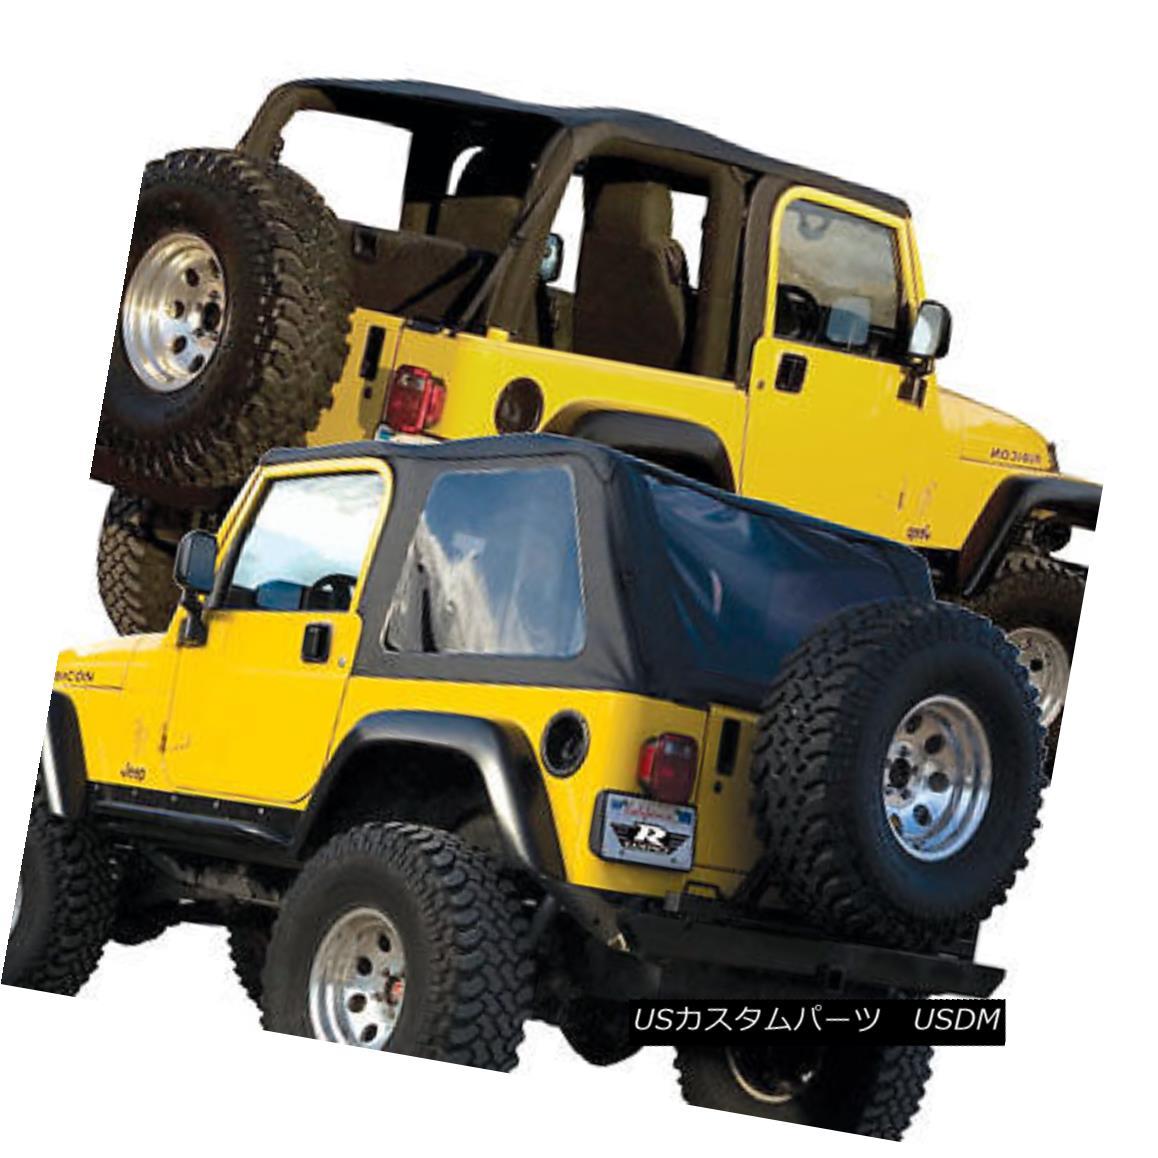 幌・ソフトトップ 2007-2018 soft top Jeep Wrangler 2 DOOR BLACK TINT frameless top Rampage 109935 2007-2018ソフトトップジープラングラー2 DOOR BLACK TINTフレームレストップランペイジ109935